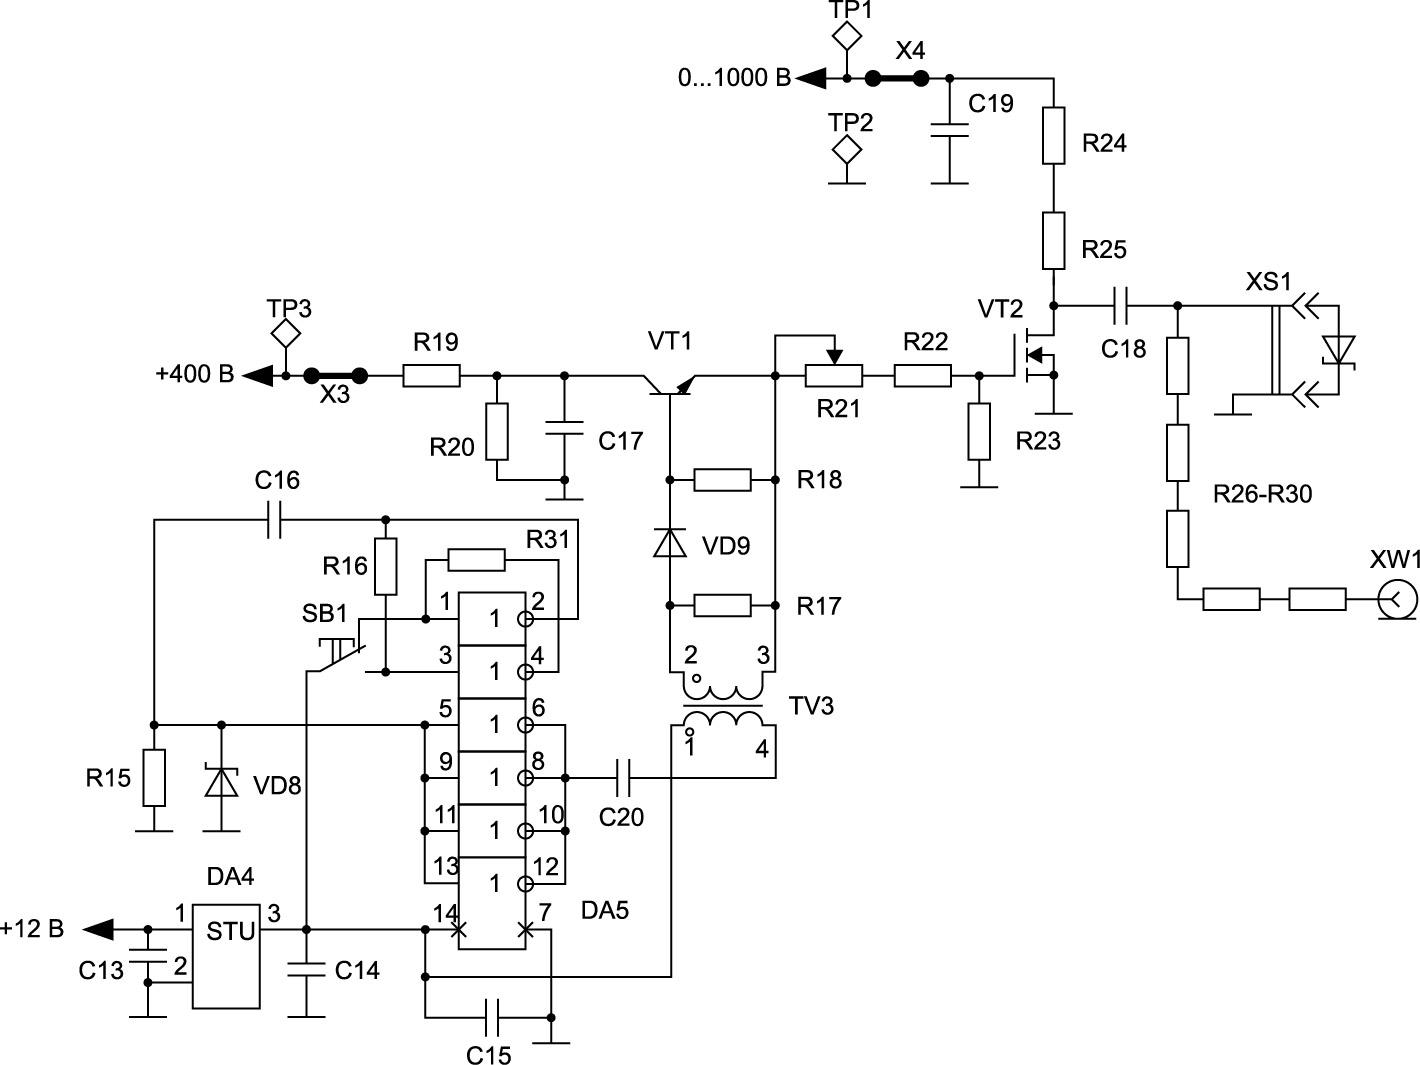 Схема измерительной части тестера для исследования стойкости SiC-диодов Шоттки к скорости нарастания обратного напряжения